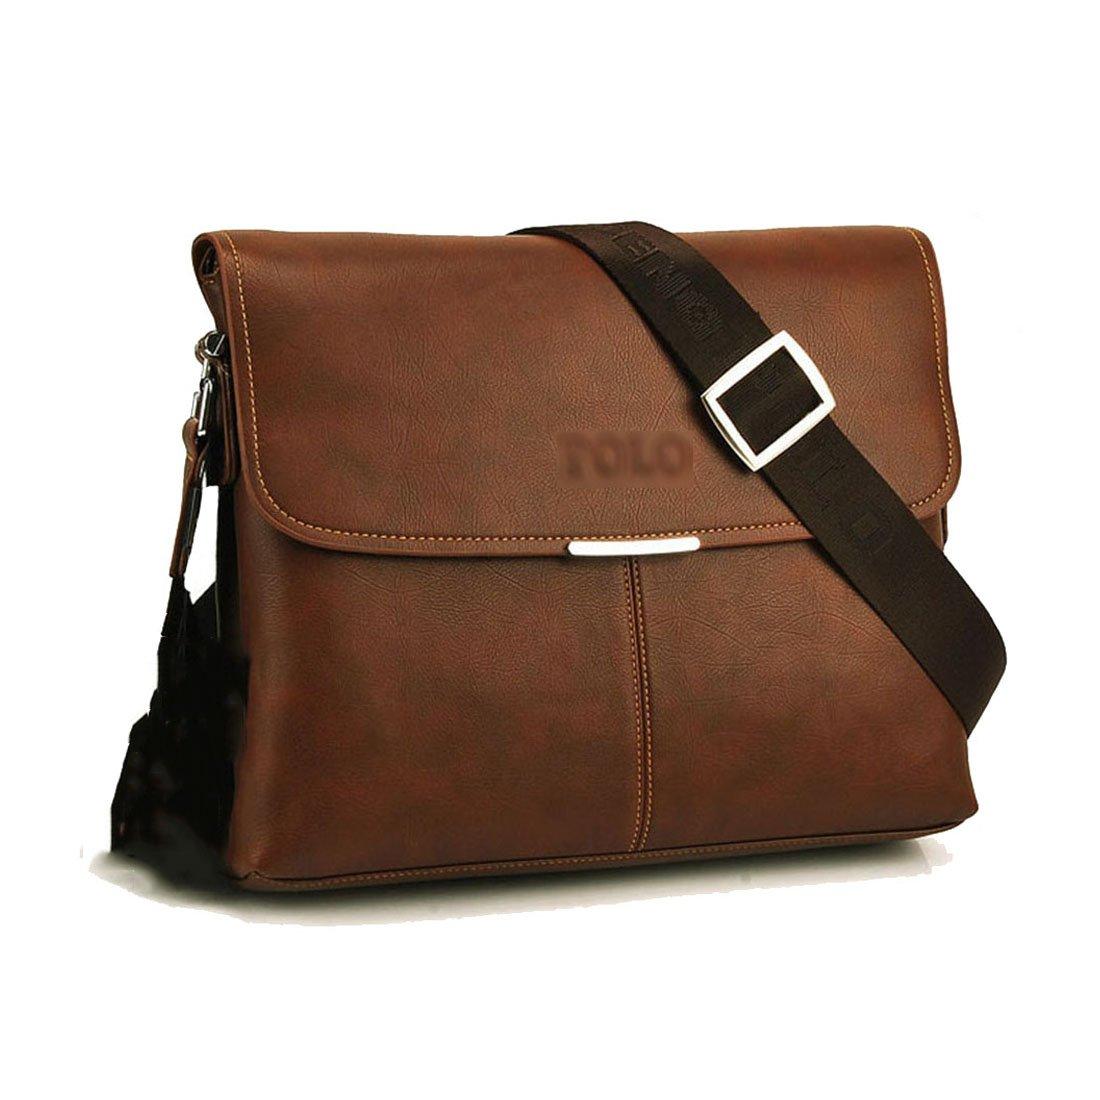 Maod Cuero Suave Bolso Mensajero del Bandoleras Hombre Vintage maletin portatil Color Sólido Bolso Negocio Maletín Clásico para Trabajo